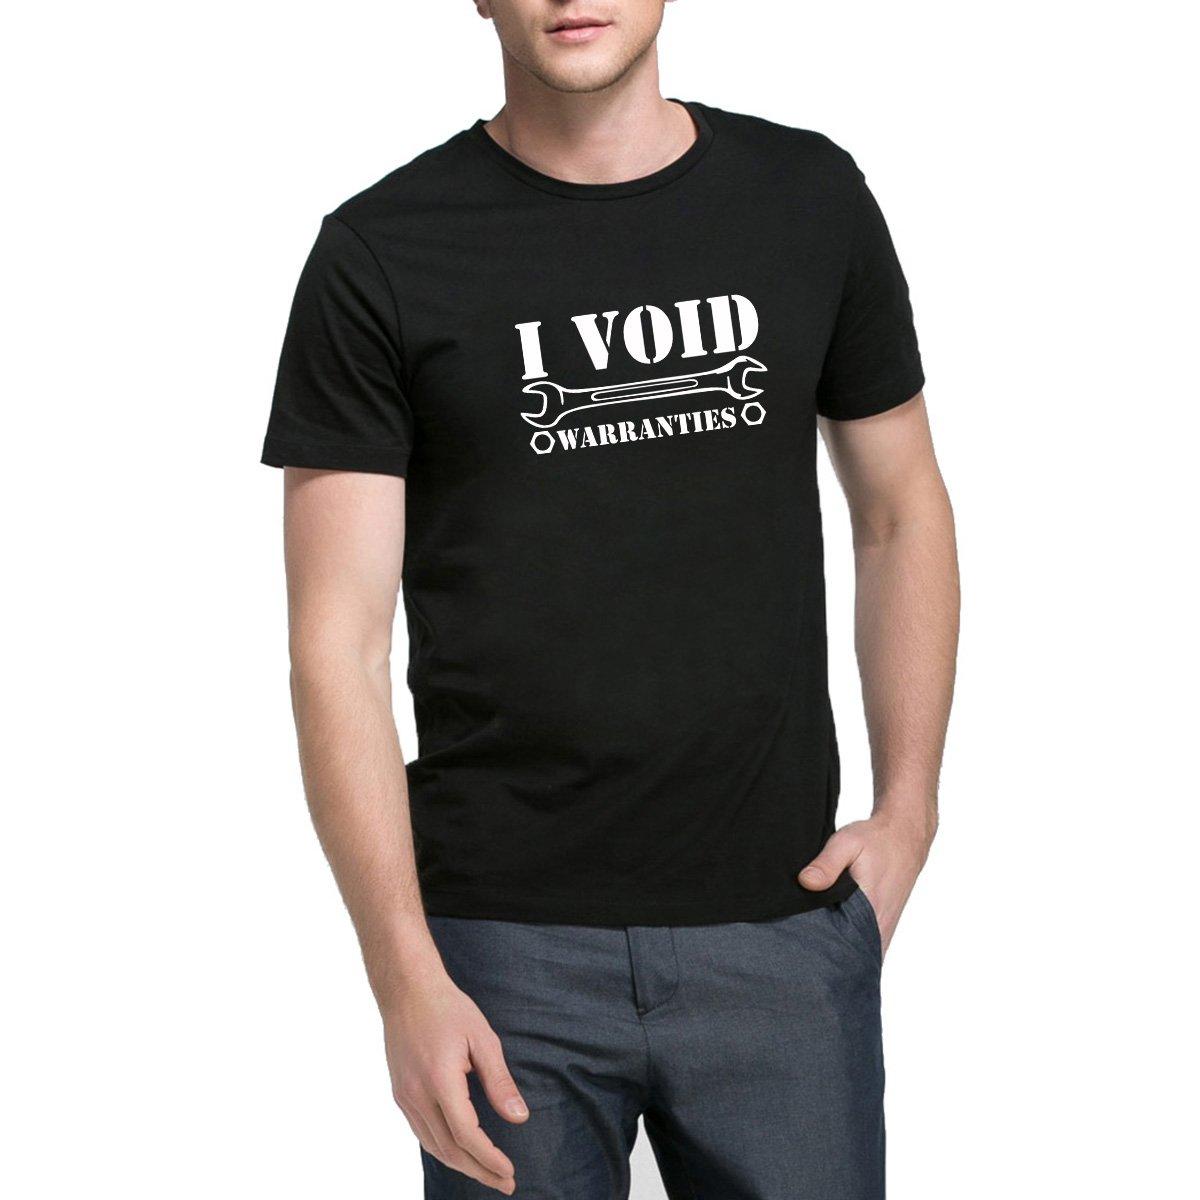 Loo Show I Void Warranties Casual T Shirts Funny Tee